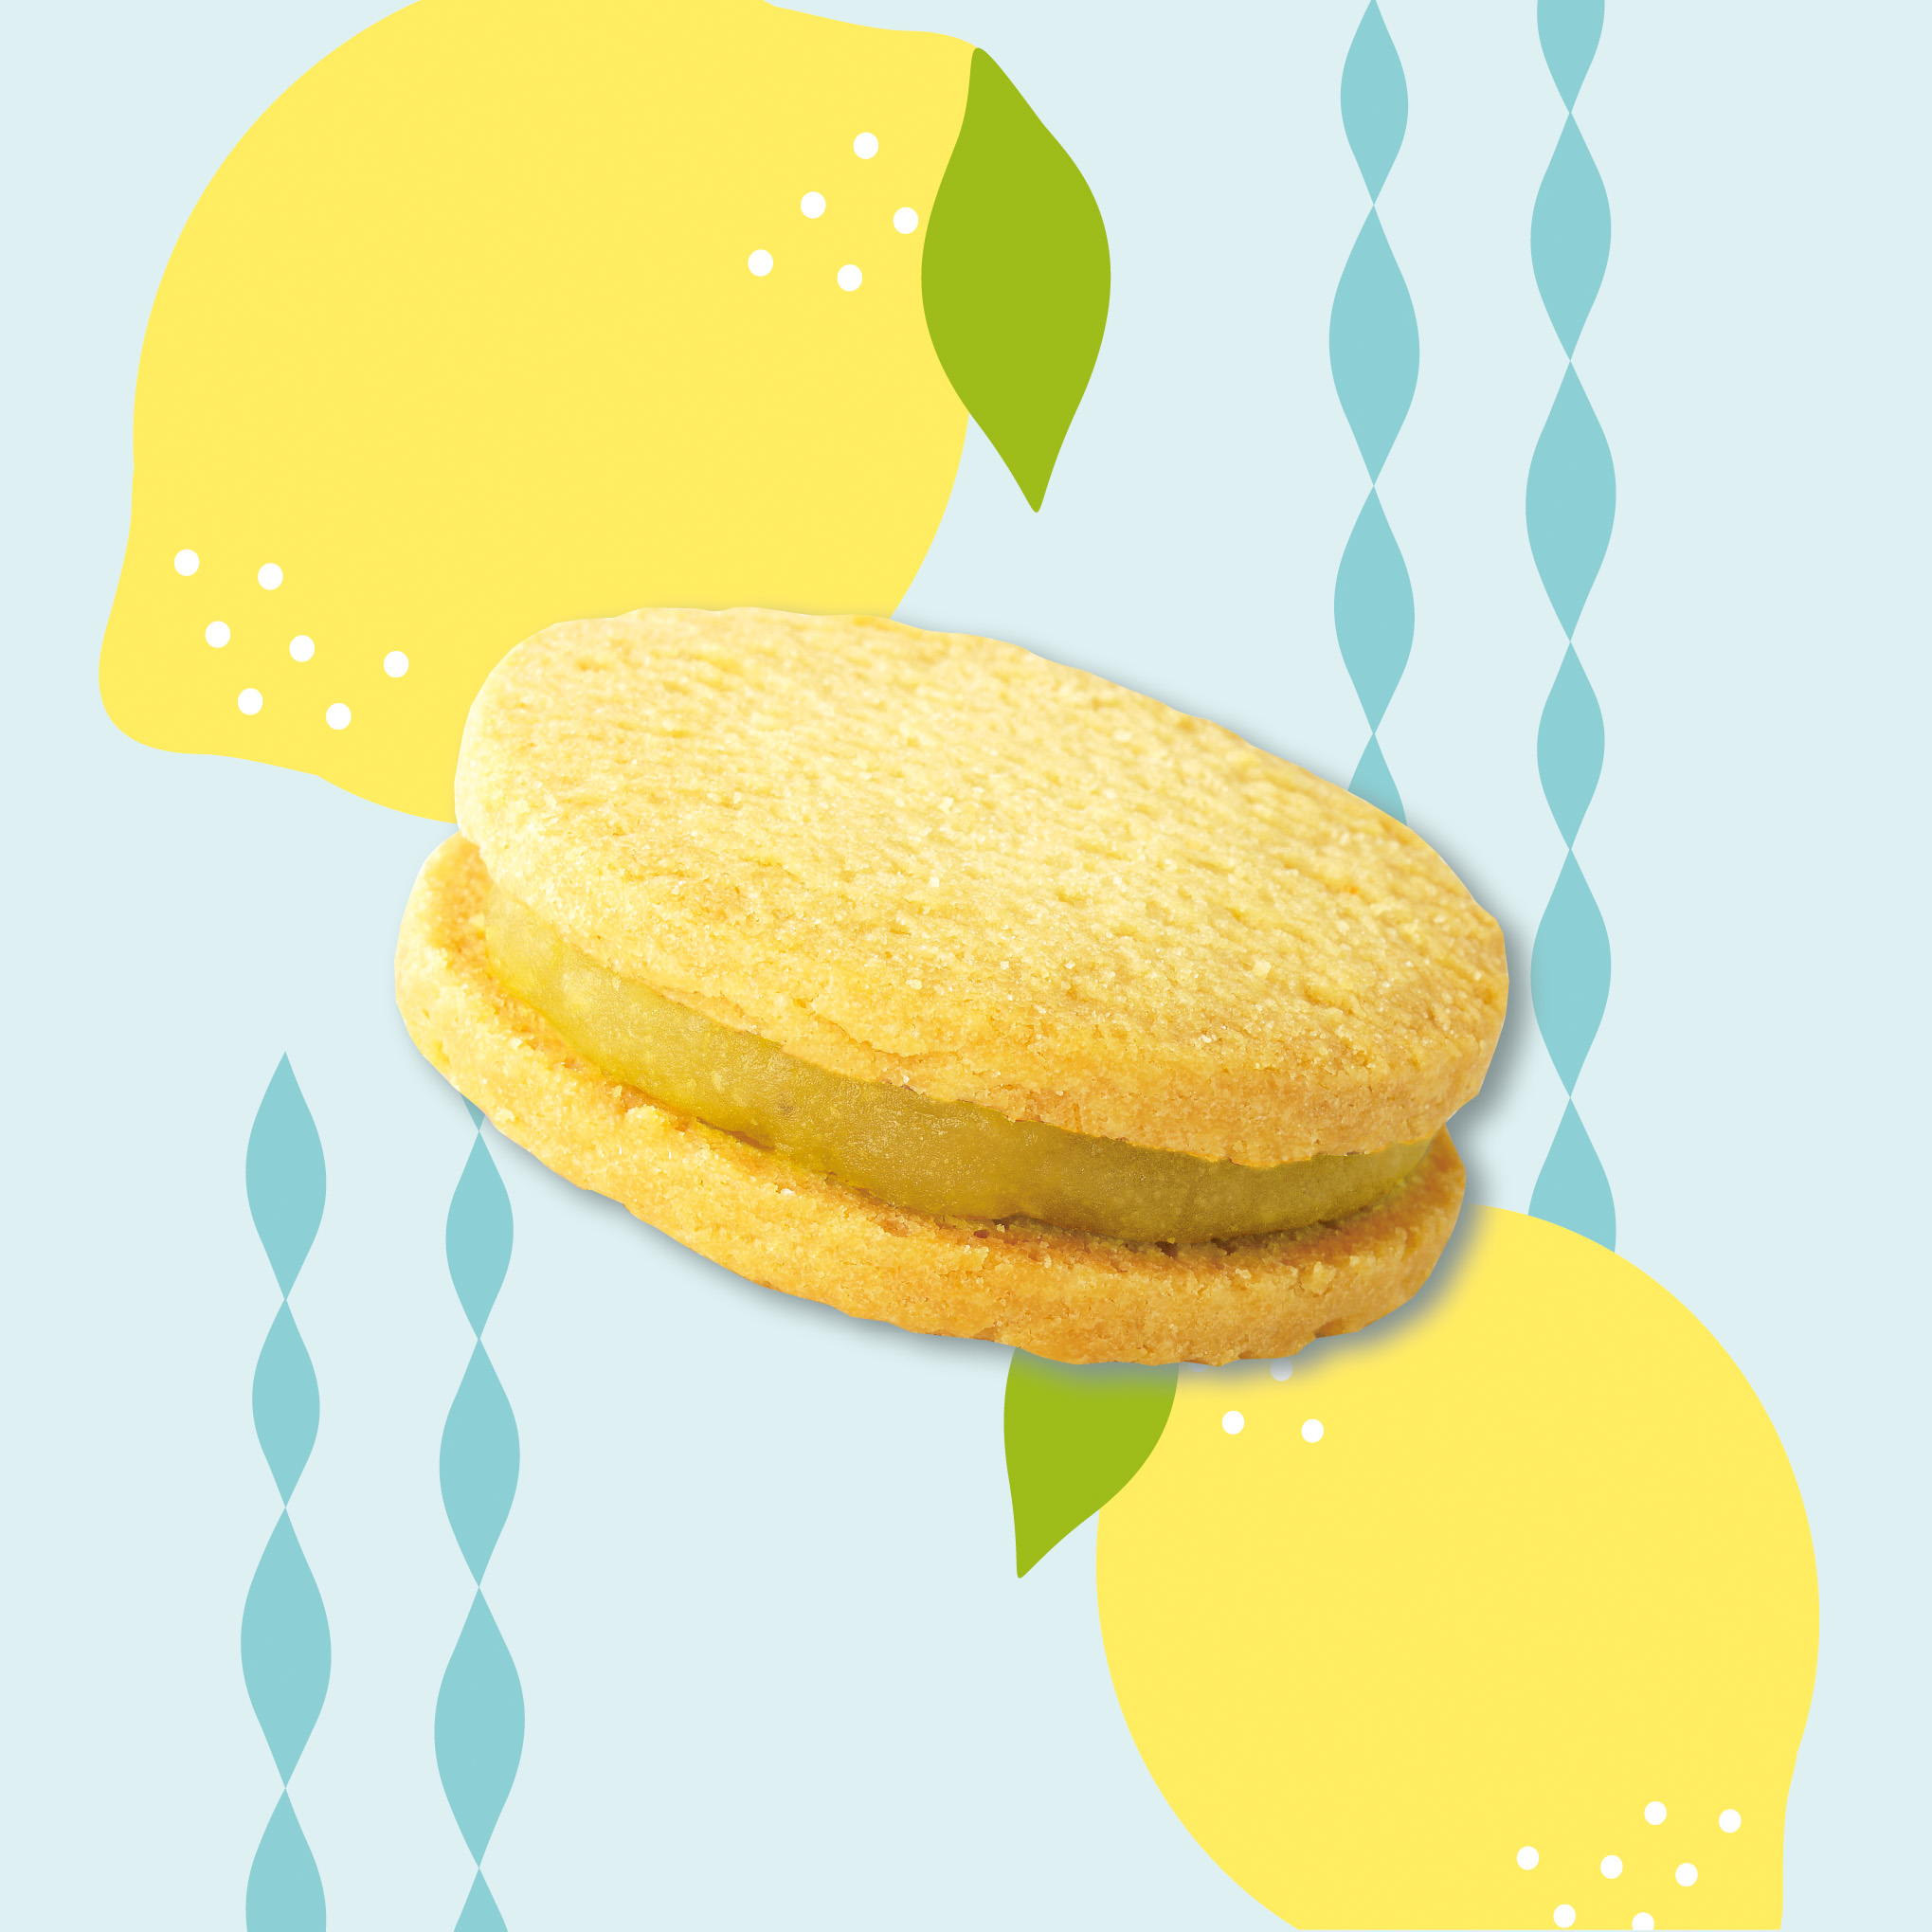 【品川店限定】塩レモン 発売のおしらせ